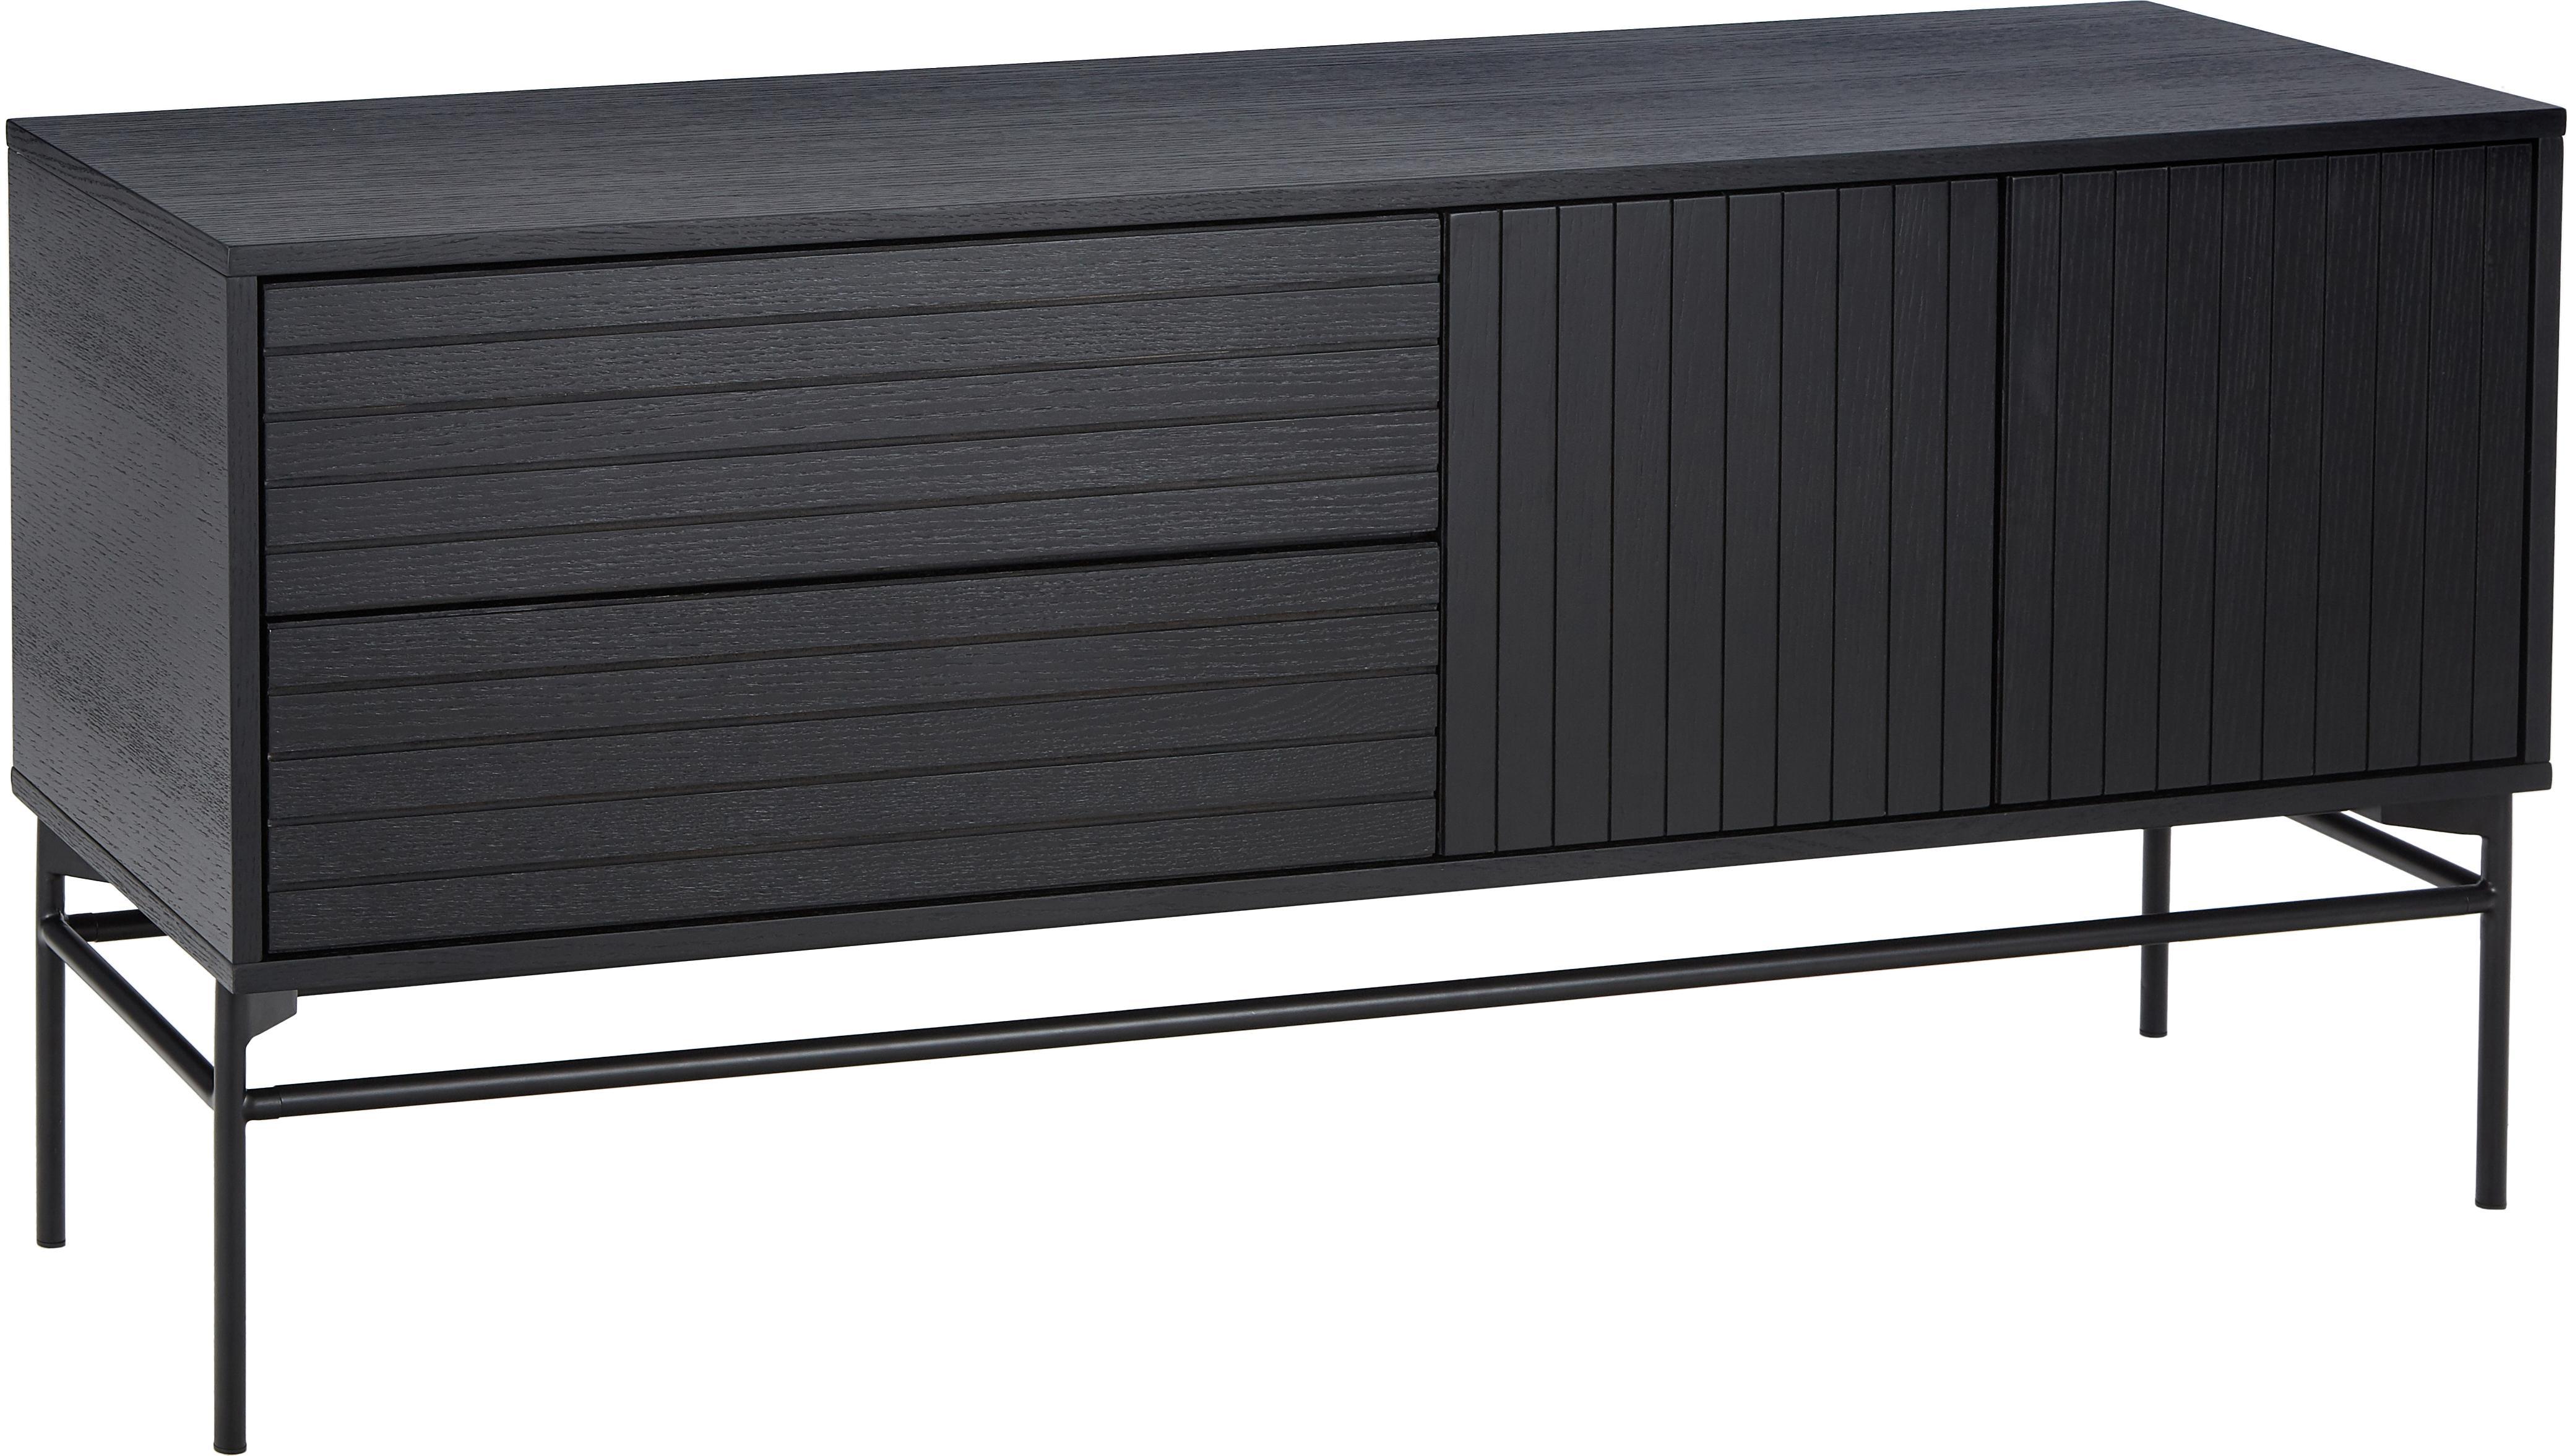 Modernes Sideboard Johan, Korpus: Mitteldichte Holzfaserpla, Füße: Metall, pulverbeschichtet, Korpus: Eichenholzfurnier, schwarz lackiertFüße: Schwarz, matt, 160 x 75 cm